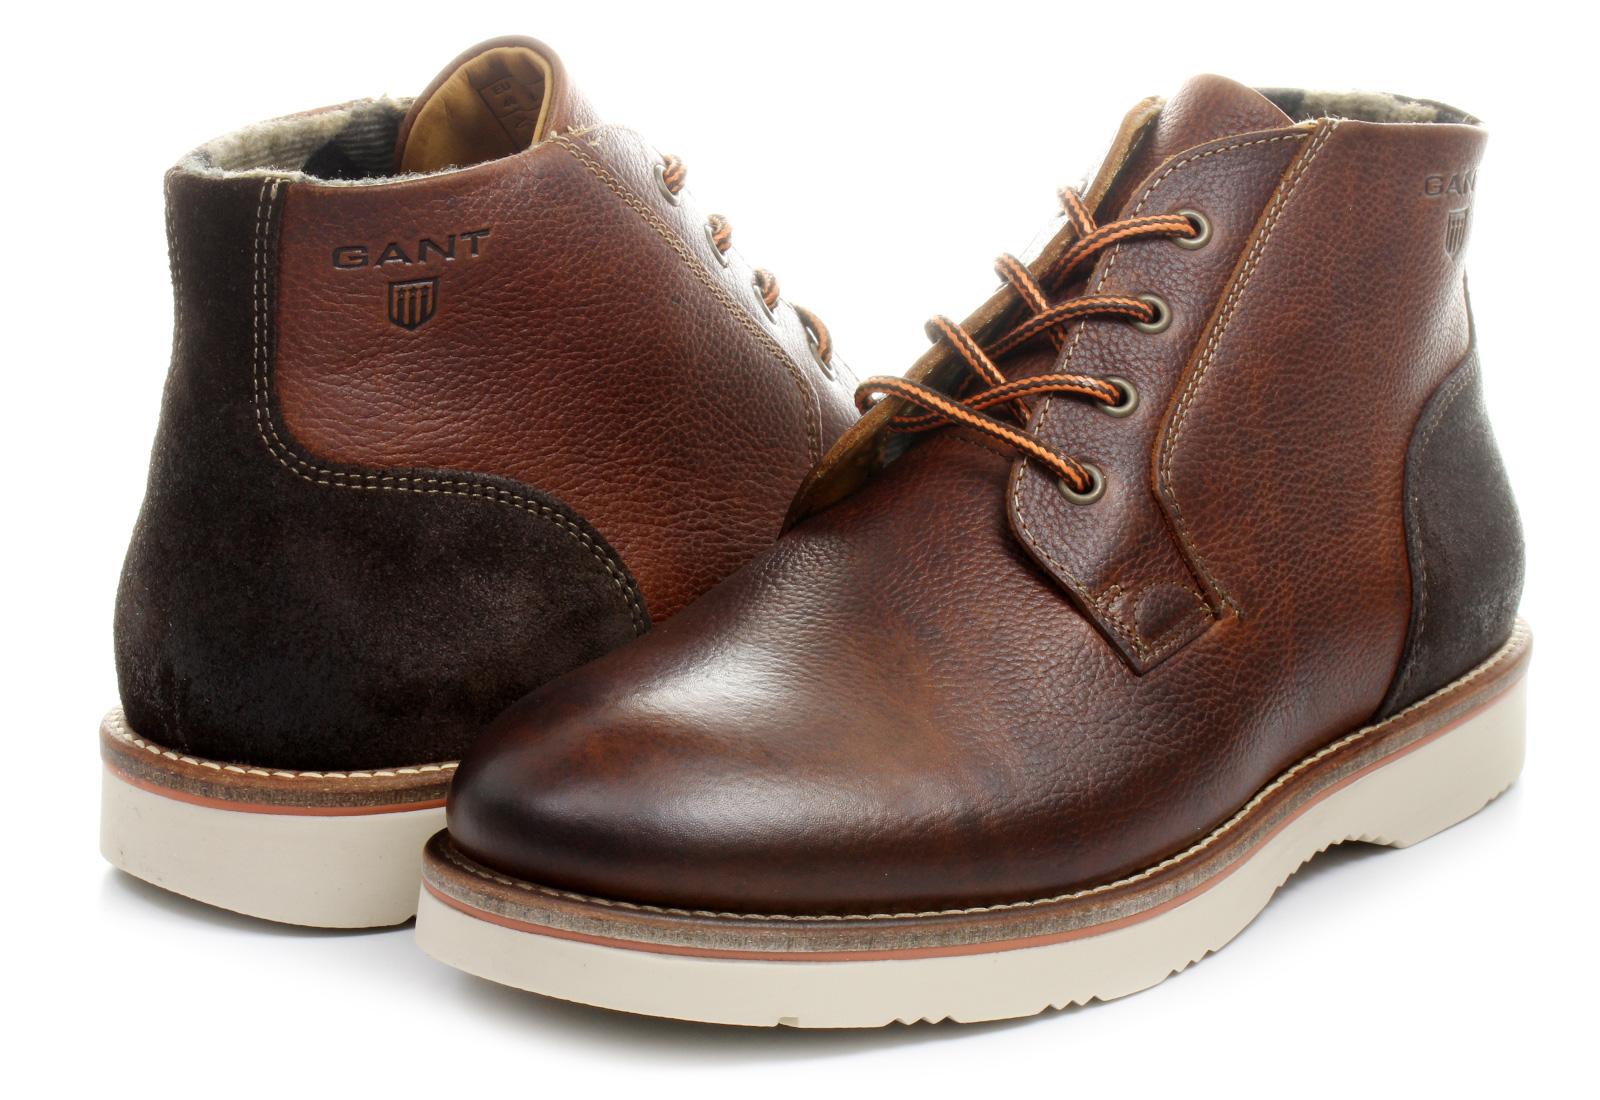 Gant Boots - Huck - 11641886-G45